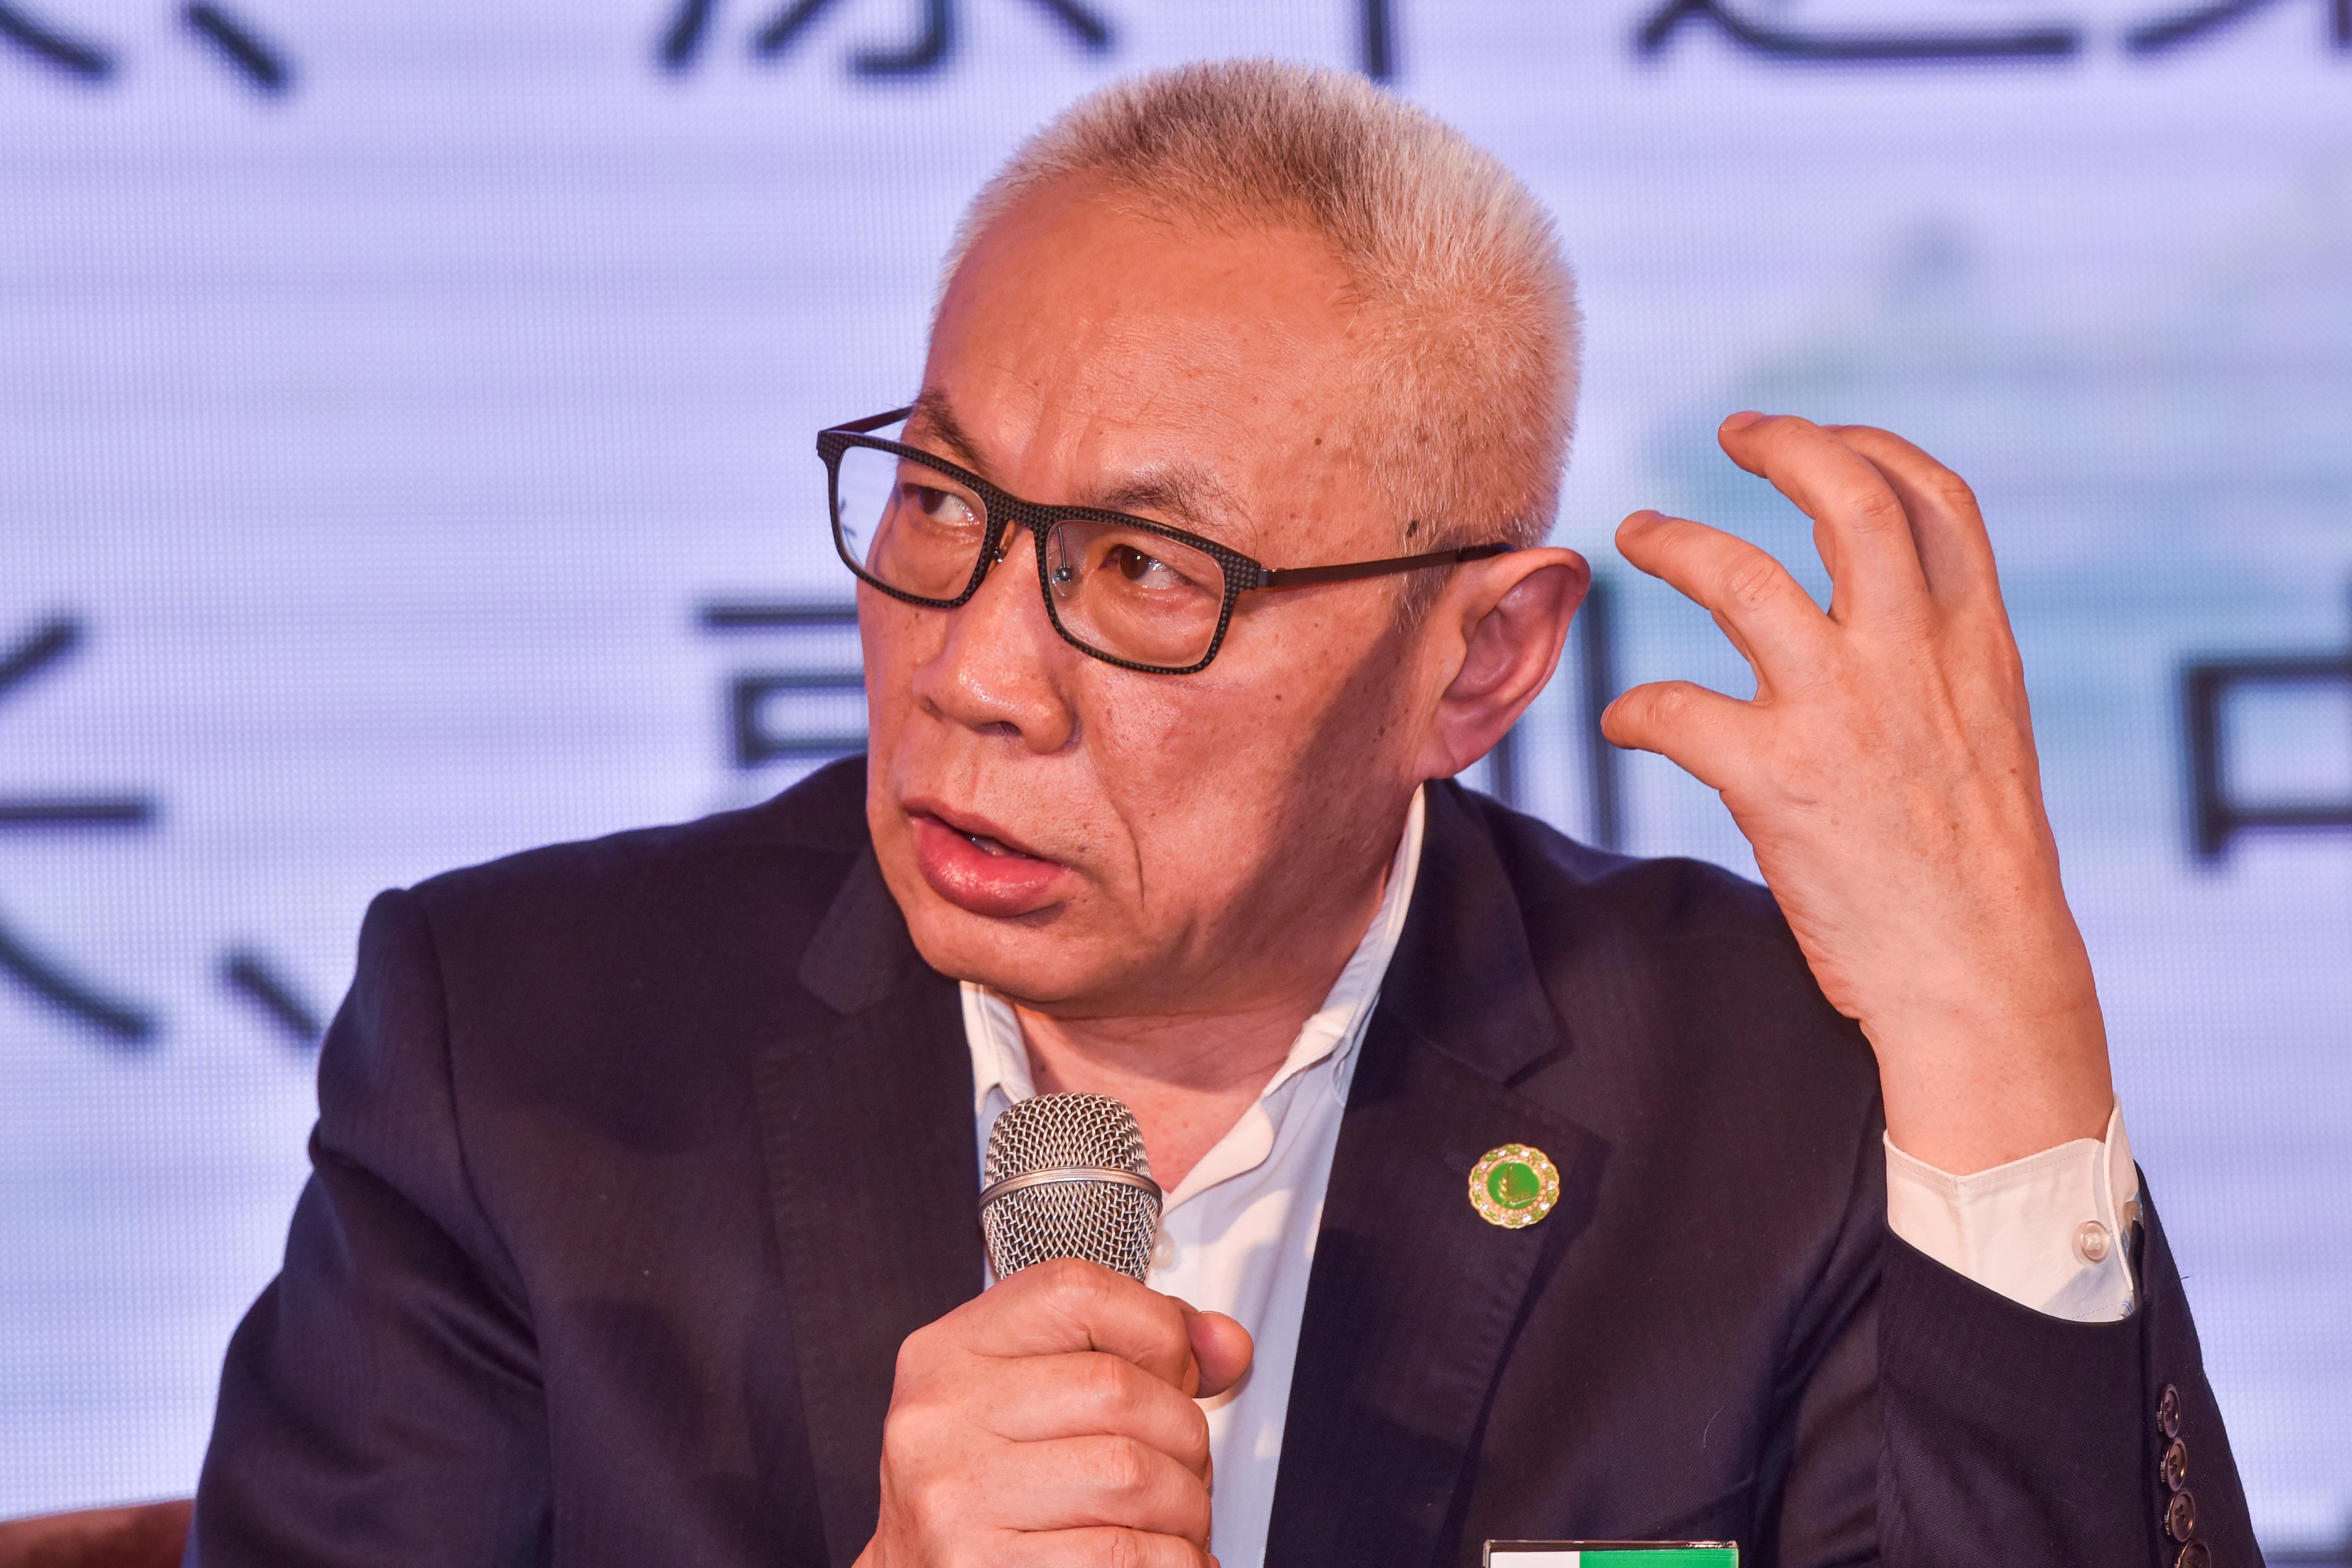 18 év börtönt kapott az egykori ingatlanmágnás, aki bohócnak nevezte Hszi Csin-ping kínai elnököt